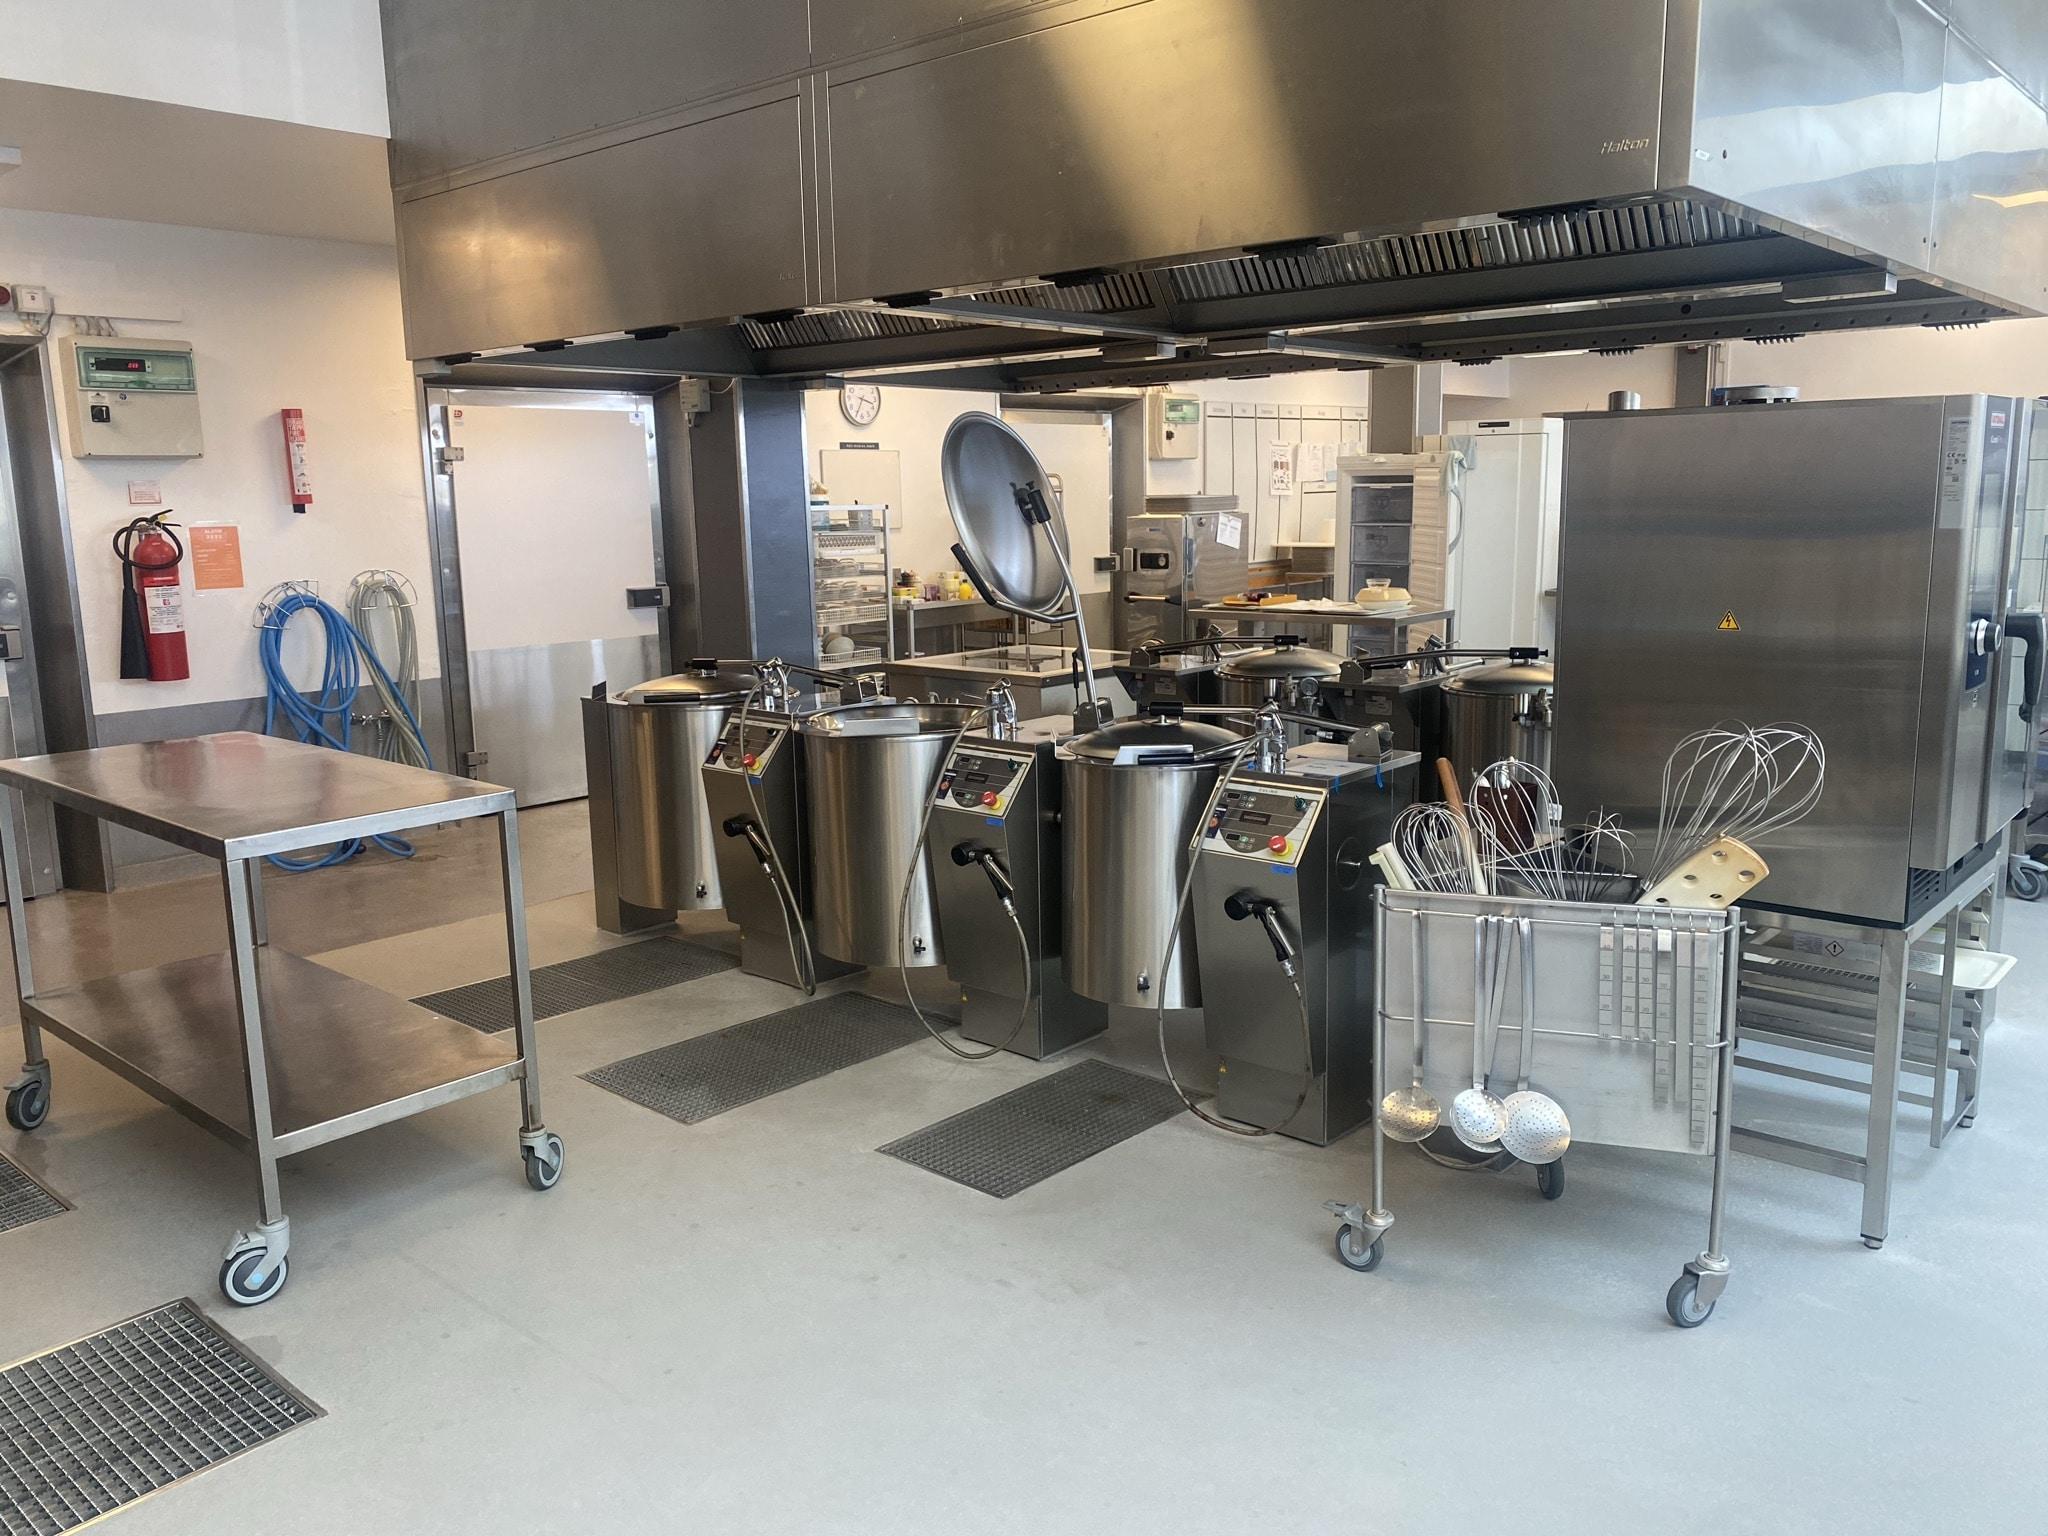 Renovering af køkkengulve på Bornholms Hospital